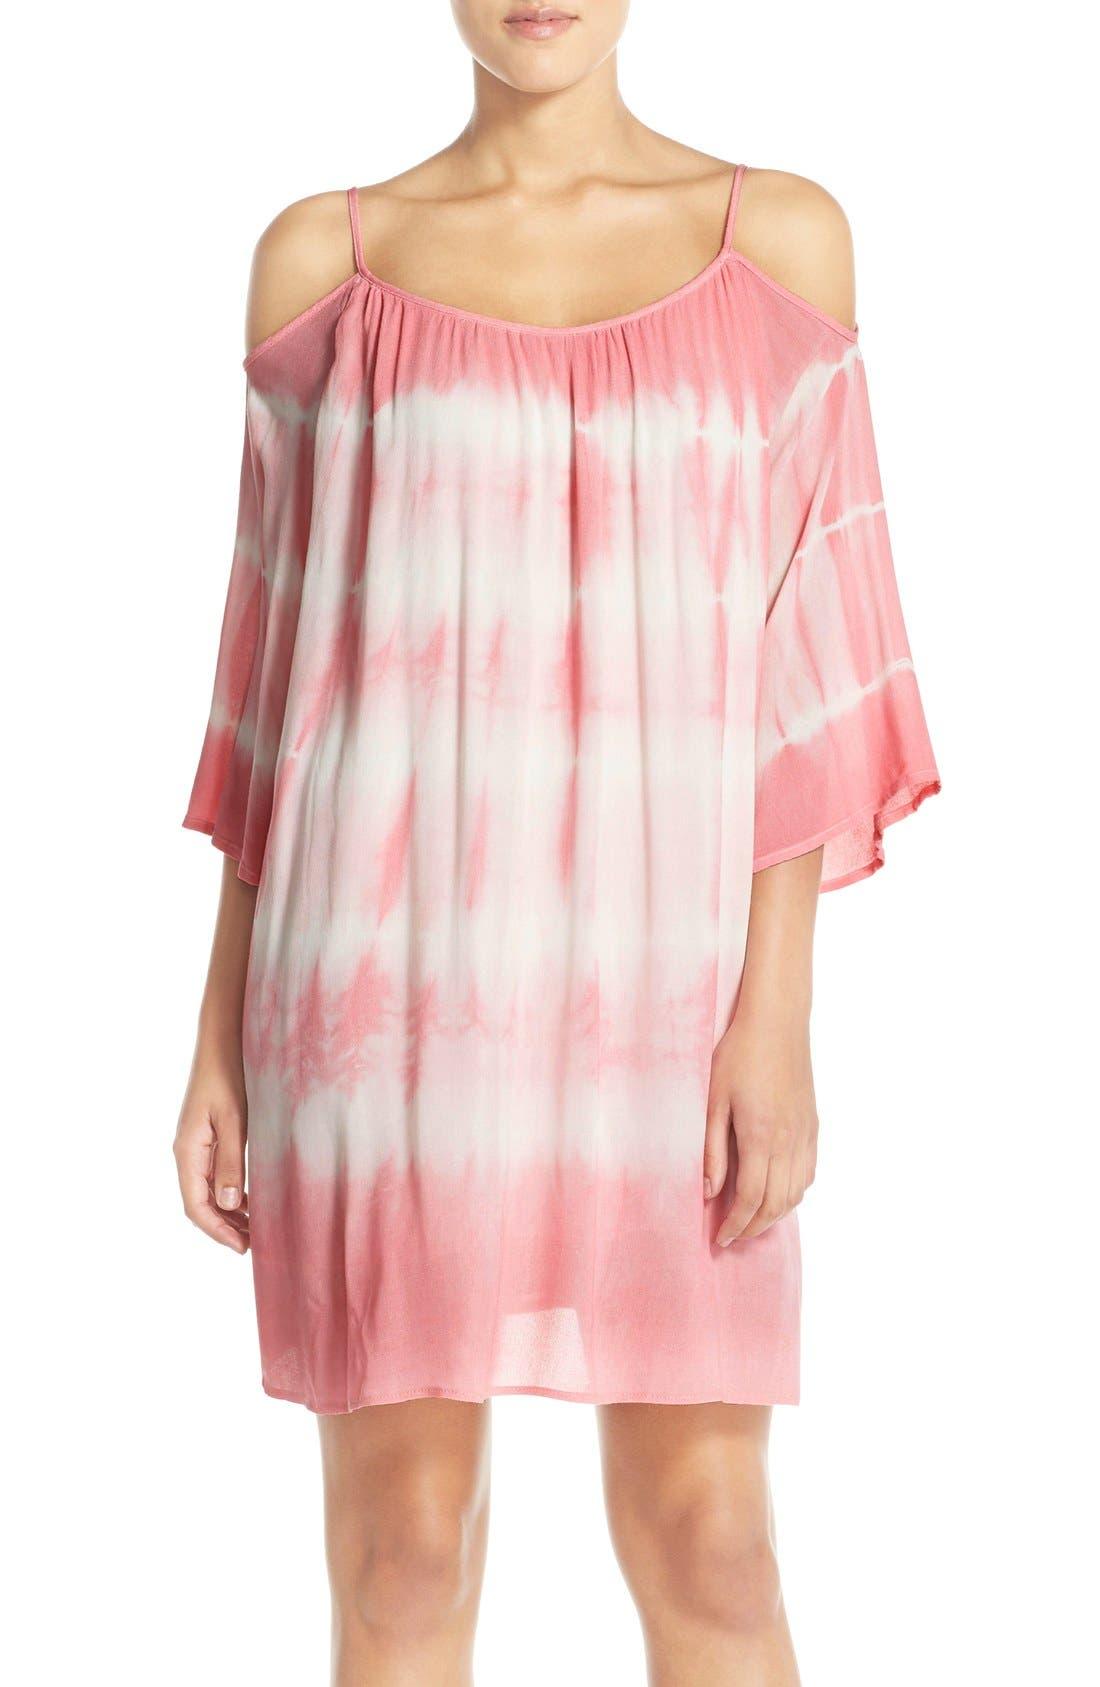 Fraiche by J Tie Dye Crepe Cold Shoulder Dress